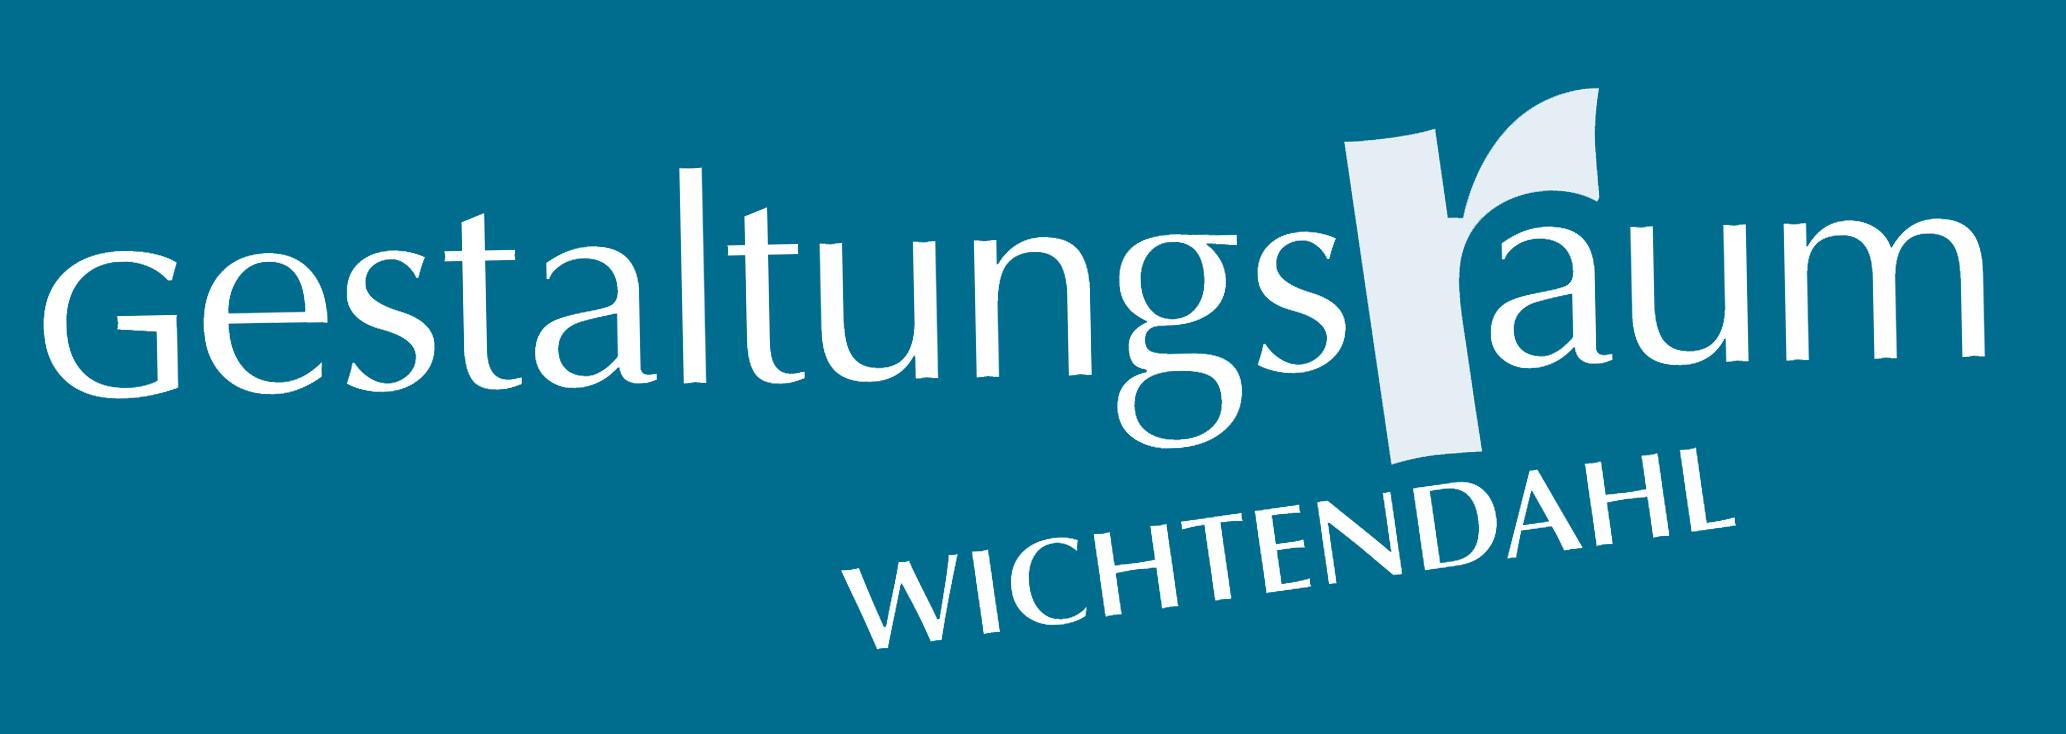 Logo Gestaltungsraum Wichtendahl